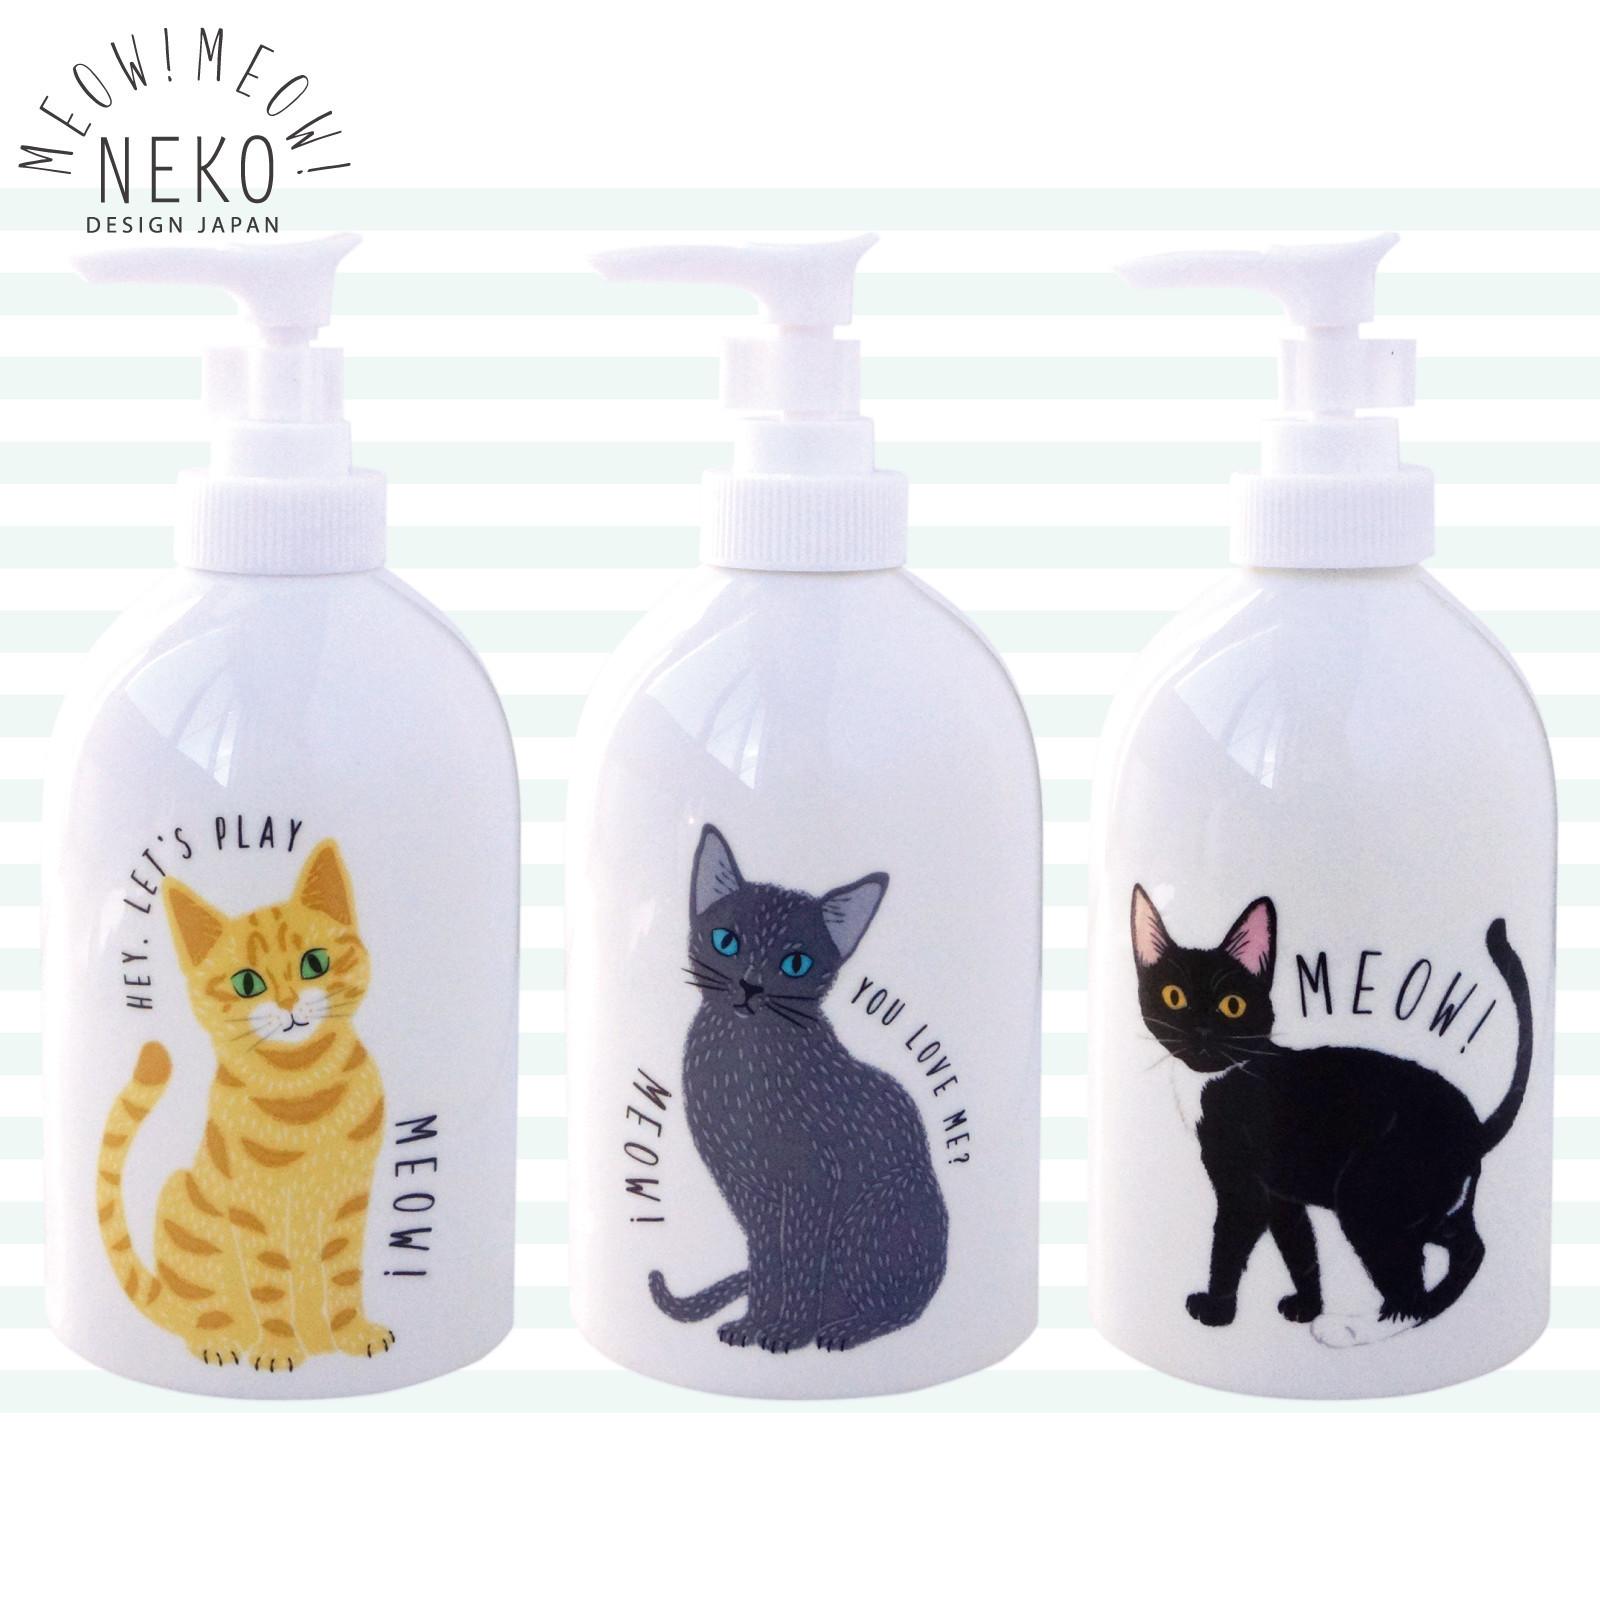 猫ソープディスペンサー(ミャウミャウNEKO)全3種類